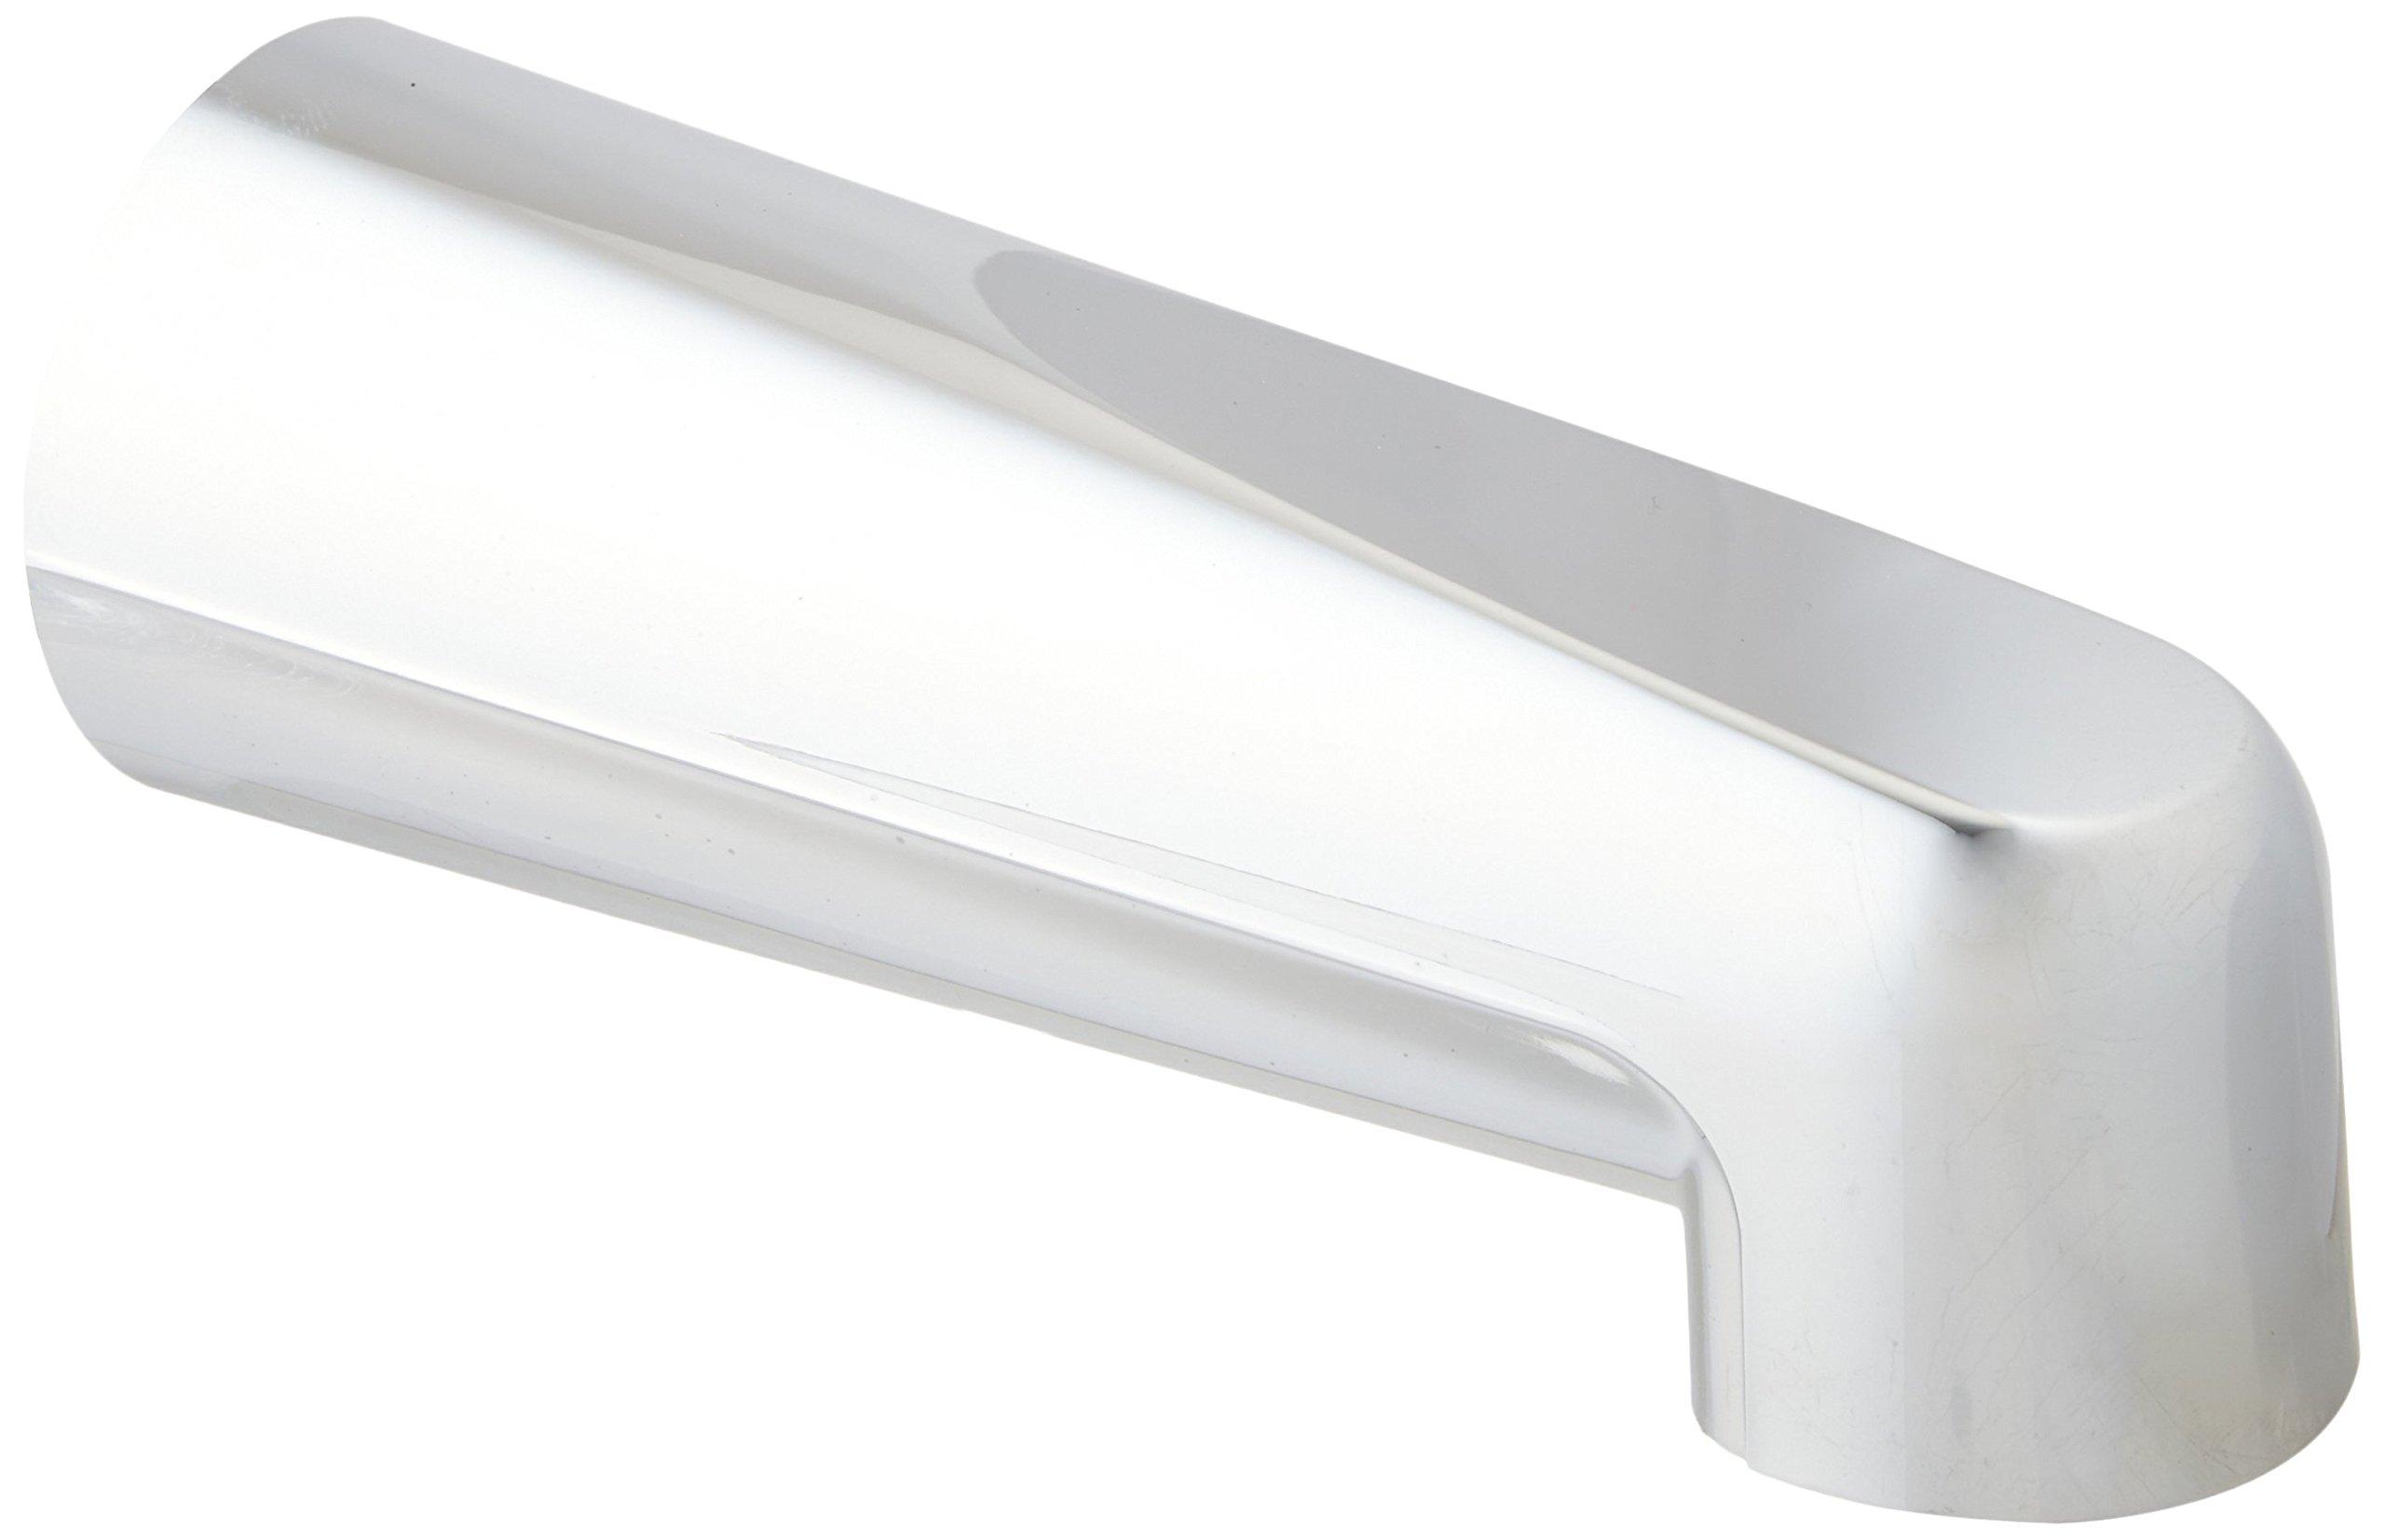 Delta Faucet RP36498 Tub Spout for Non-Diverter, Chrome by DELTA FAUCET